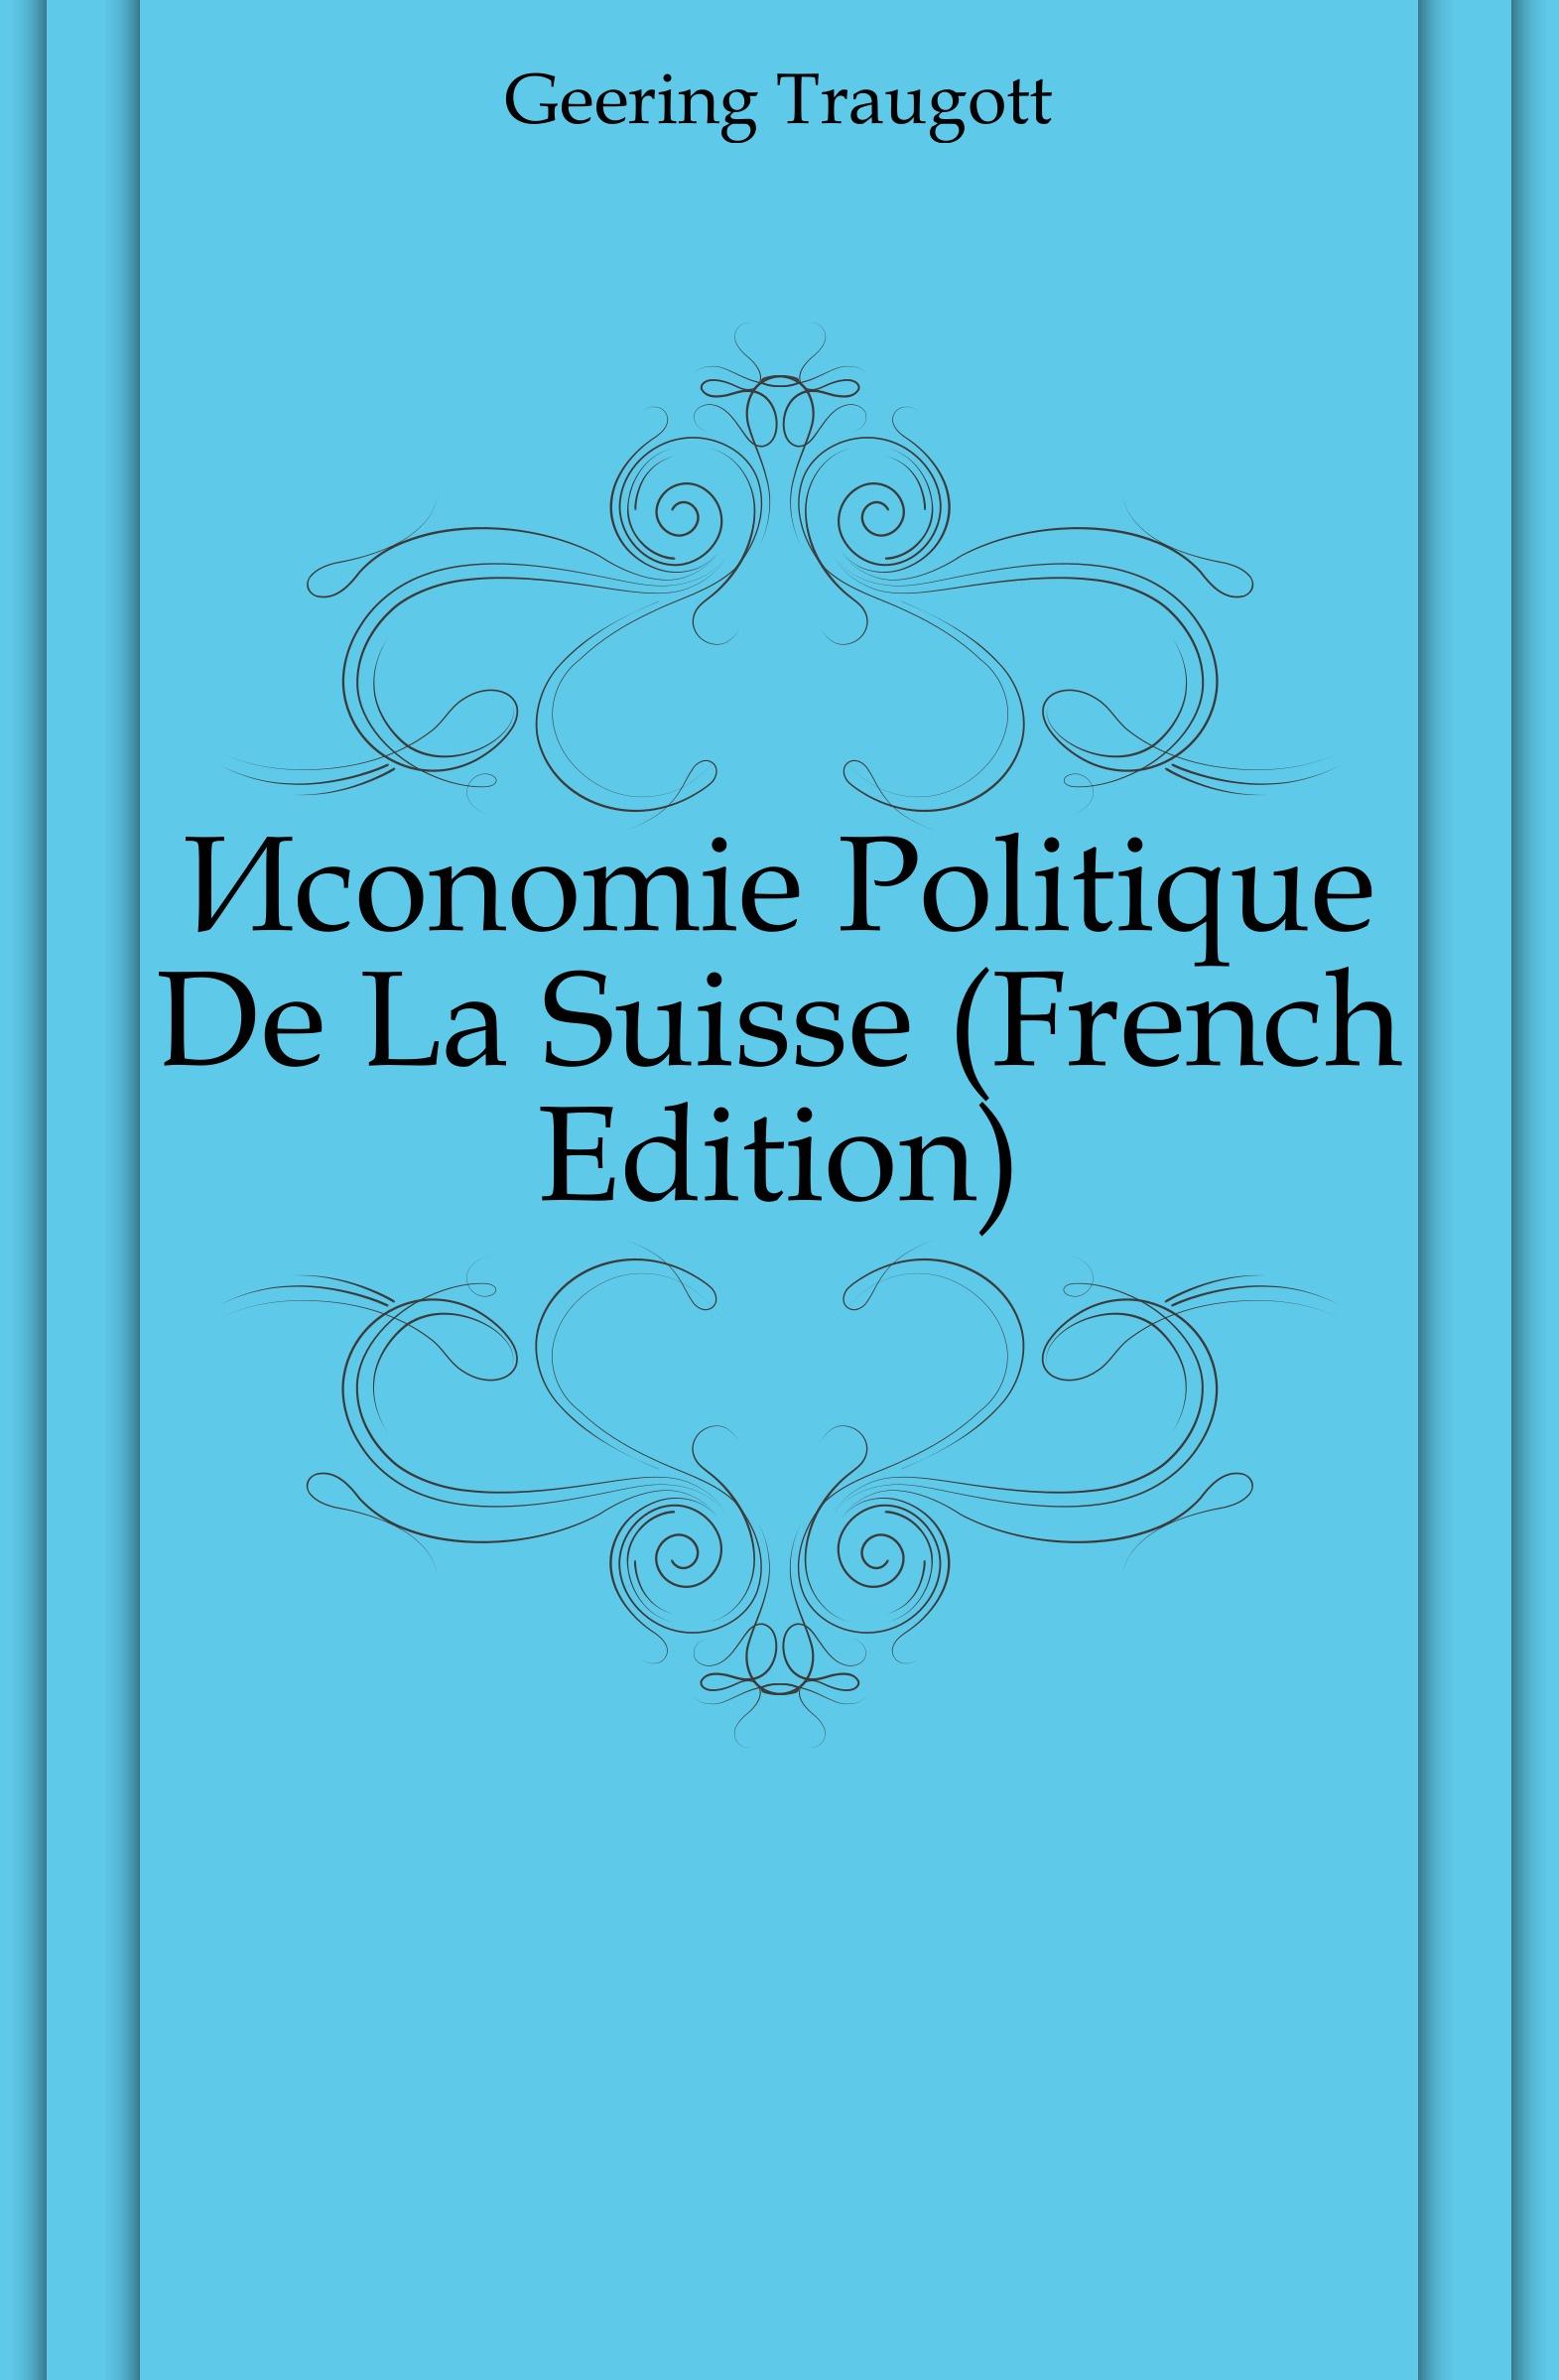 Geering Traugott Economie Politique De La Suisse (French Edition) jean batiste say traite d economie politique t 1